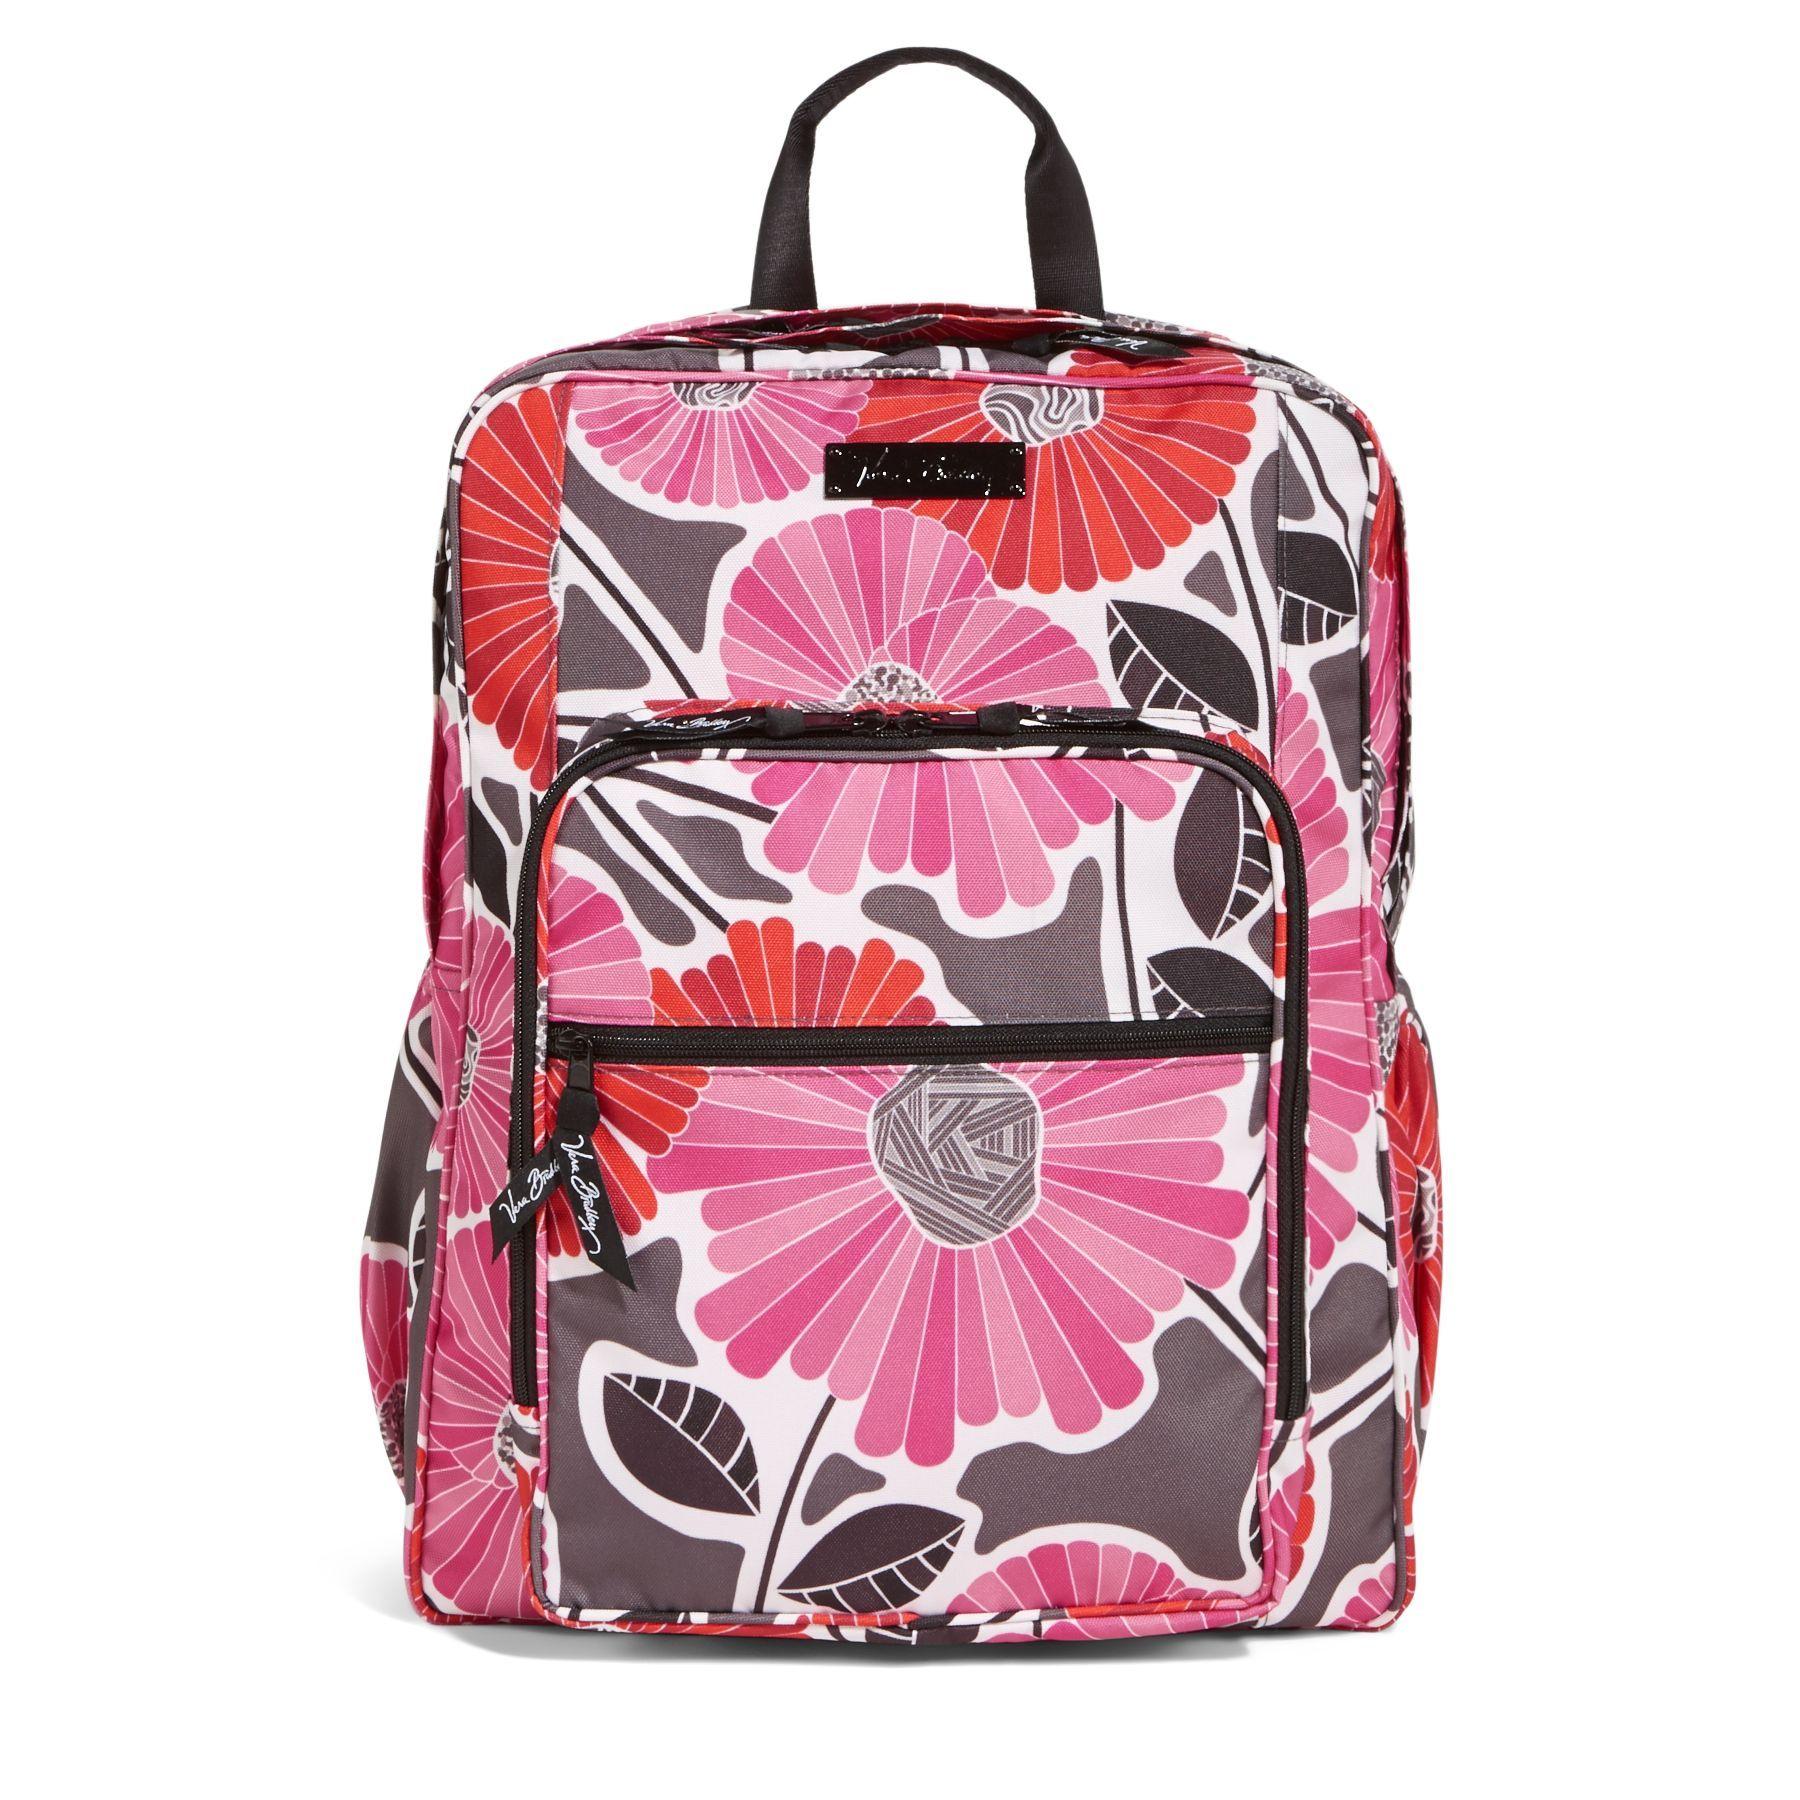 Vera Backpack Purse Bradley Up Lighten Onal Cheery BlossomMy SzpMqVU